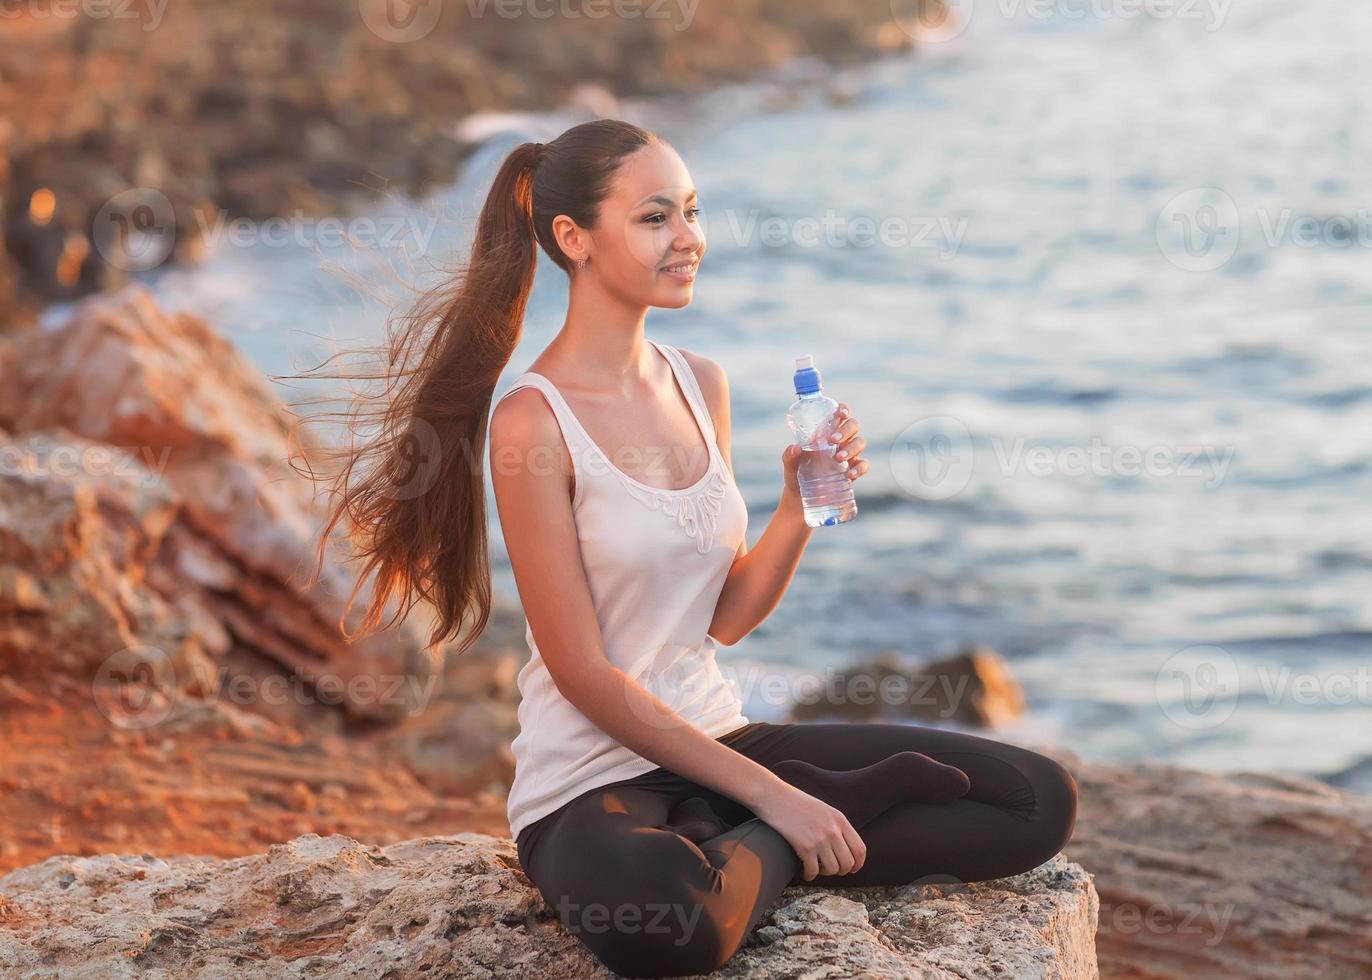 mezzo volto ritratto di giovane donna bere acqua foto